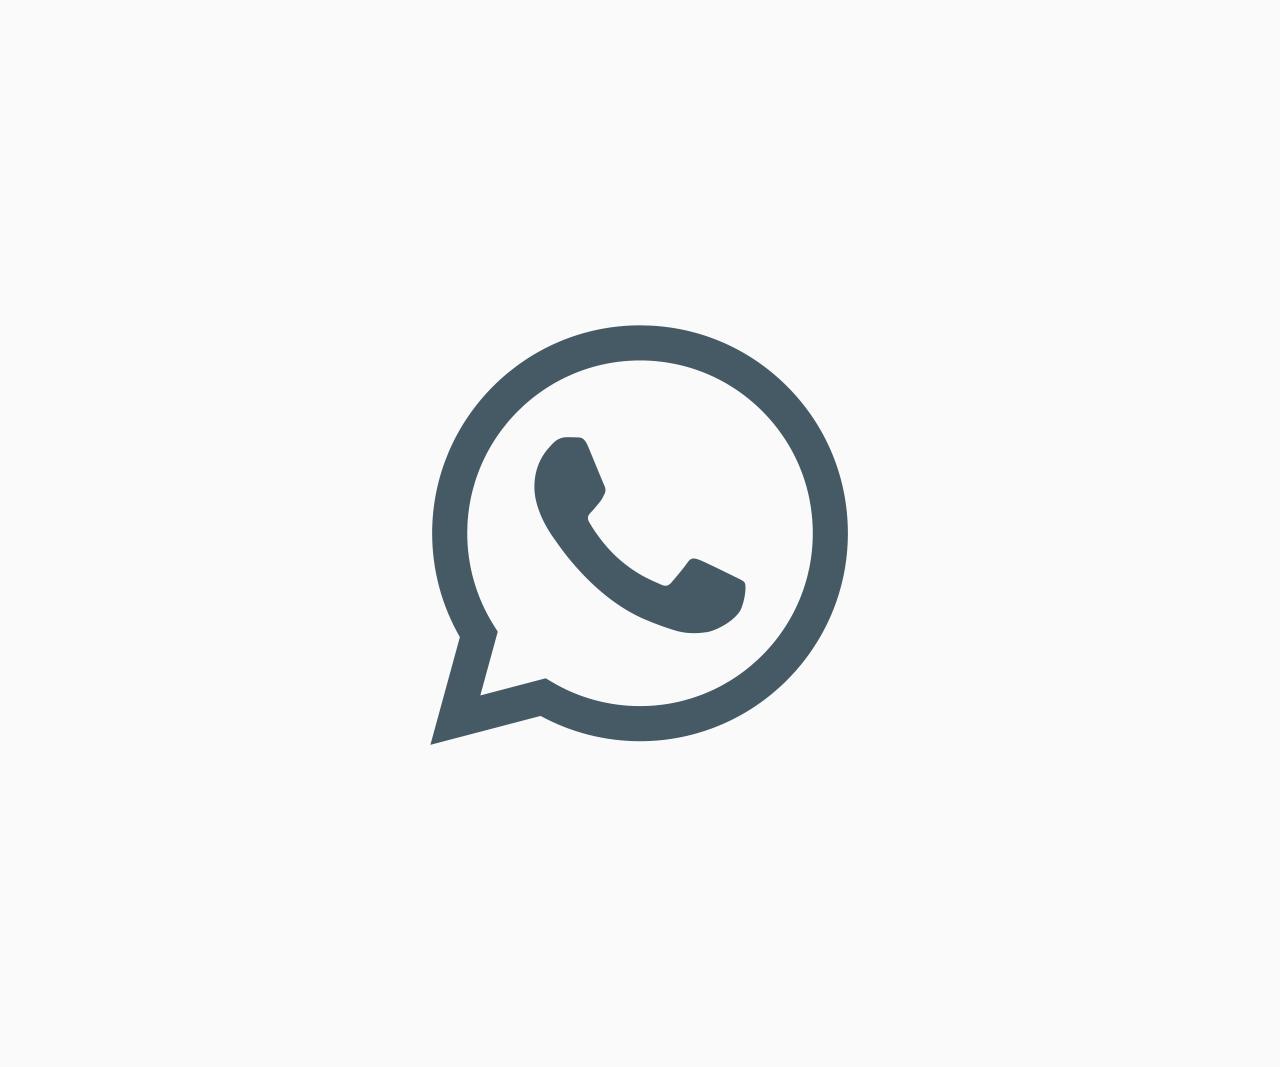 Communication on this topic: Tenofovir Reviews, tenofovir-reviews/